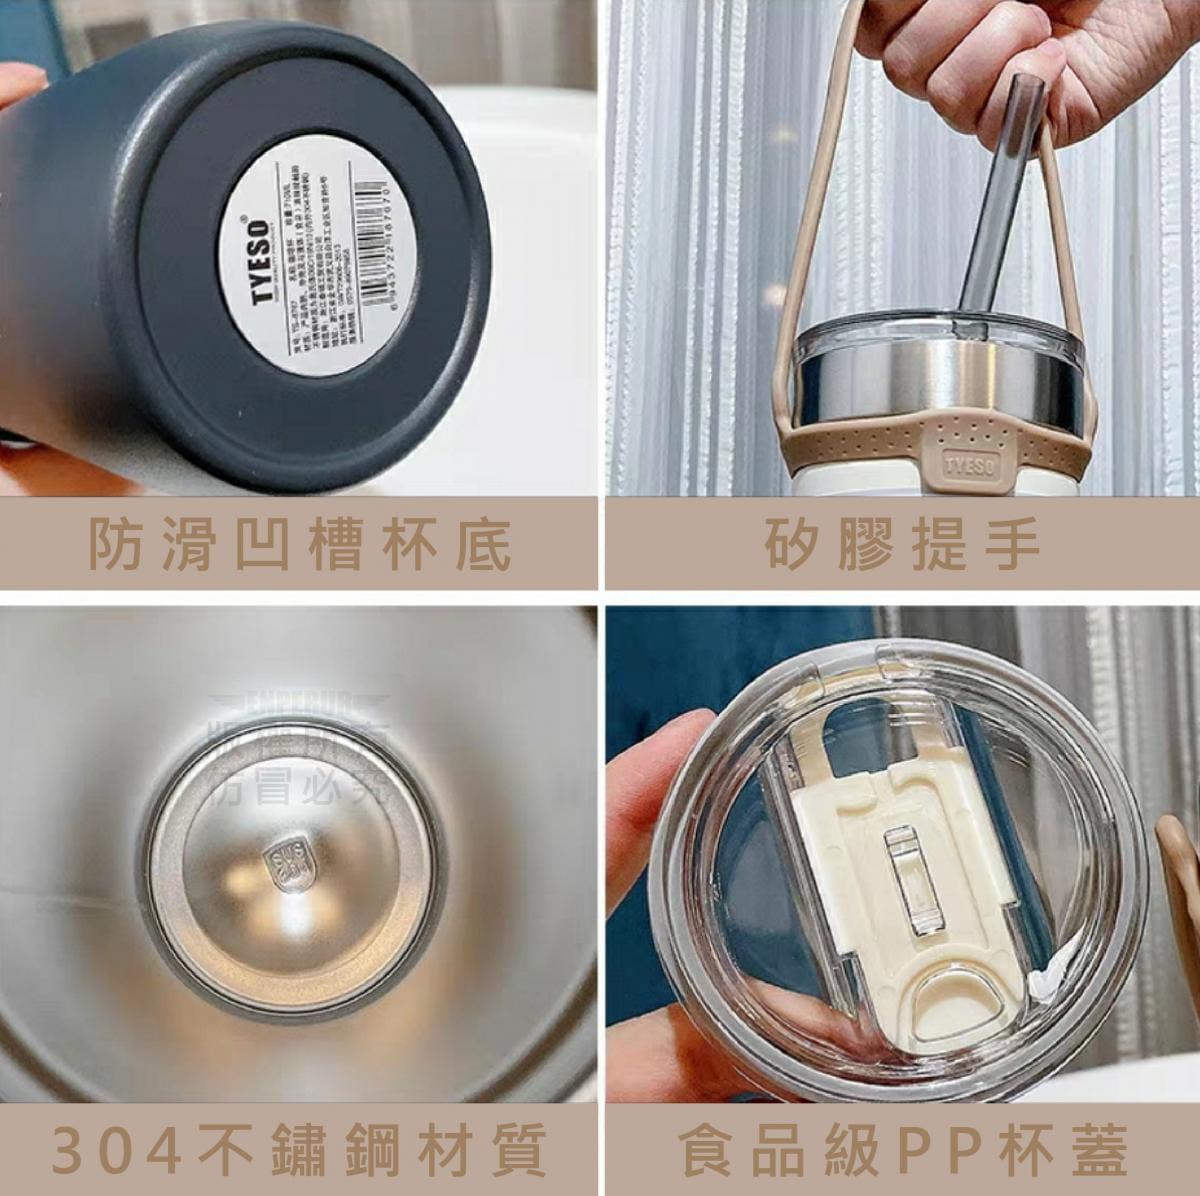 矽膠手提咖啡杯 2